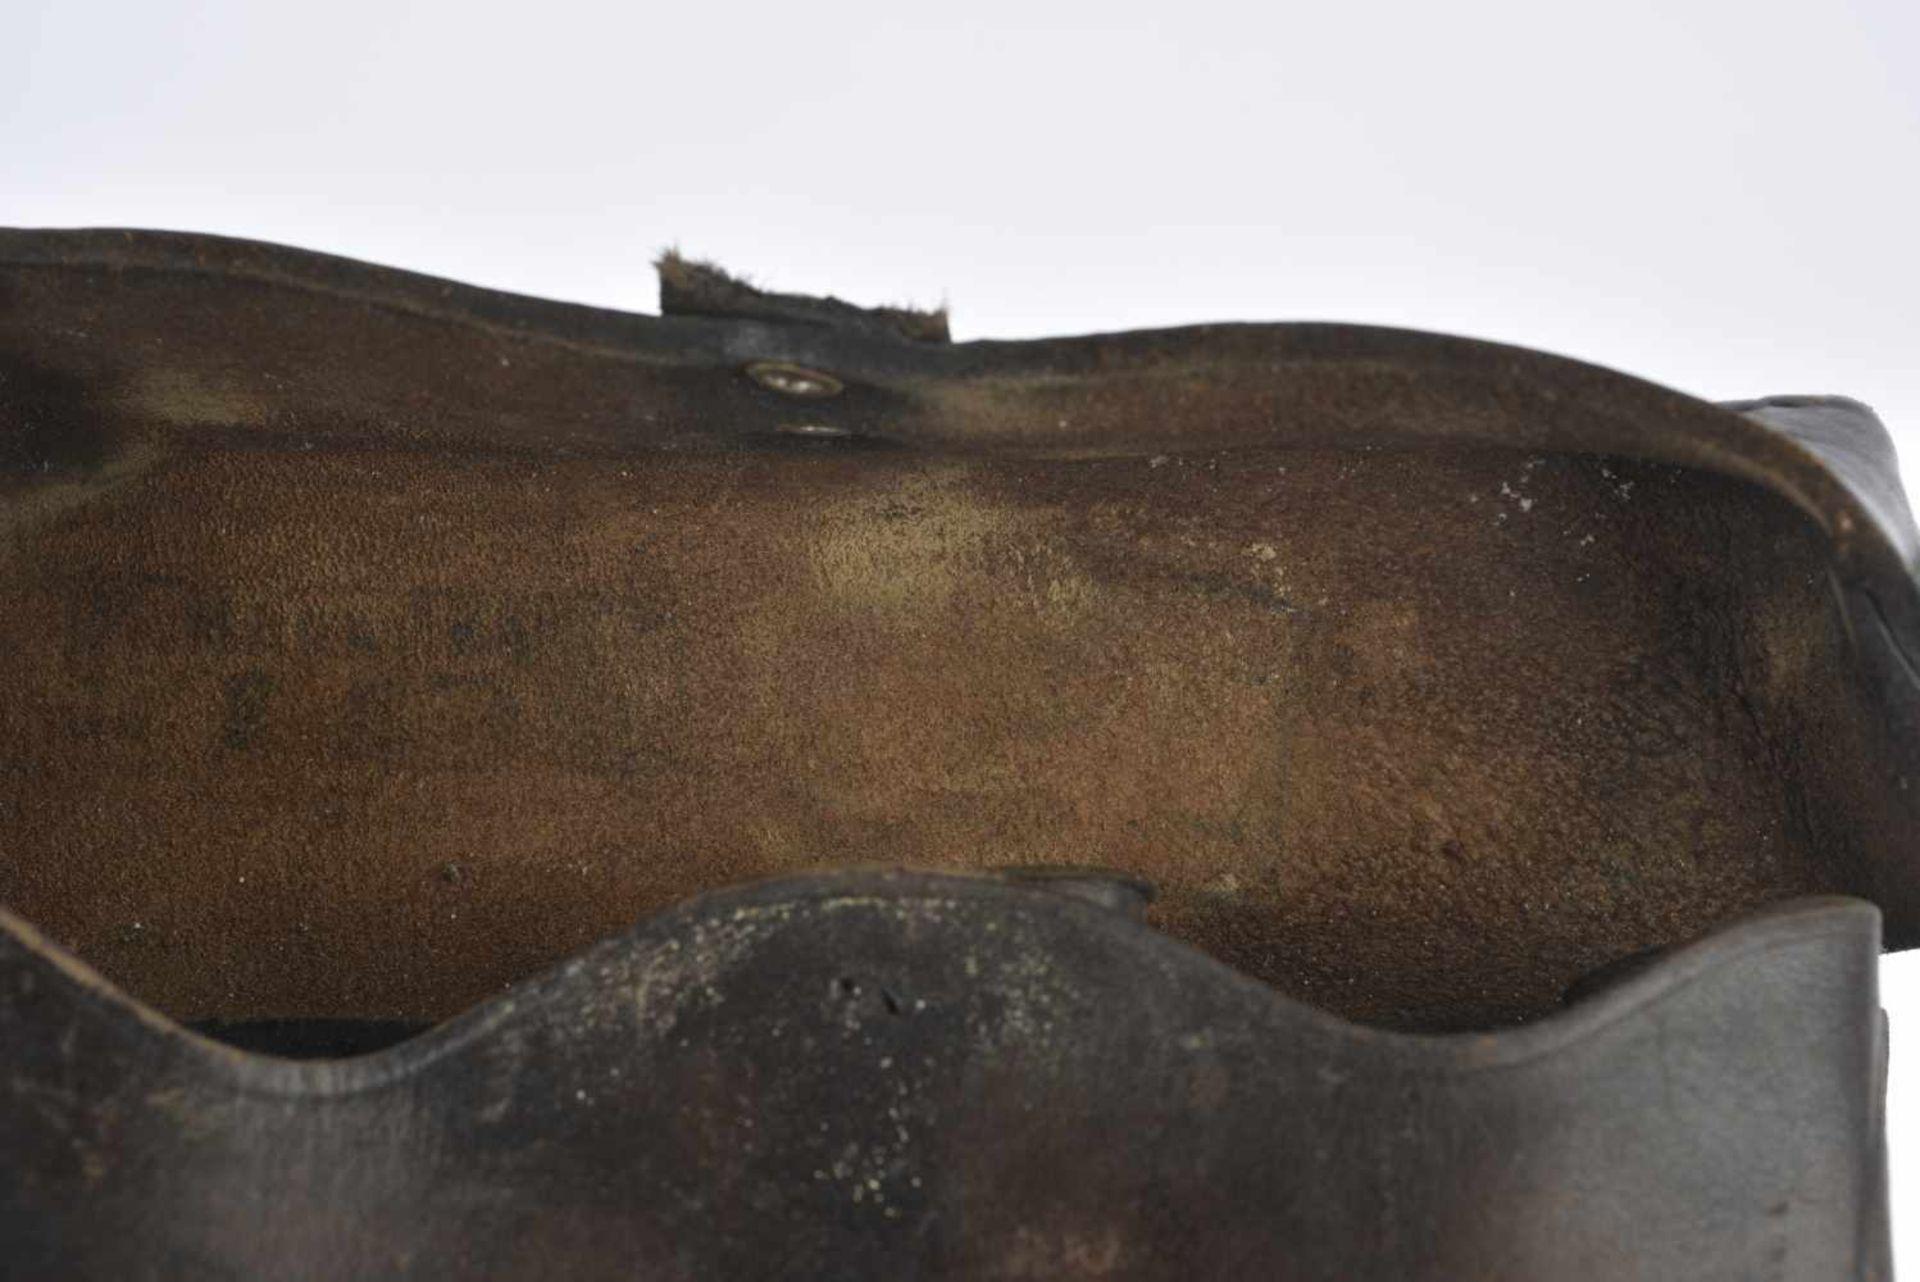 Paire de cartouchière précoce pour fusil SVT.38 Homogène, une languette décousue sur une, mais - Bild 4 aus 4